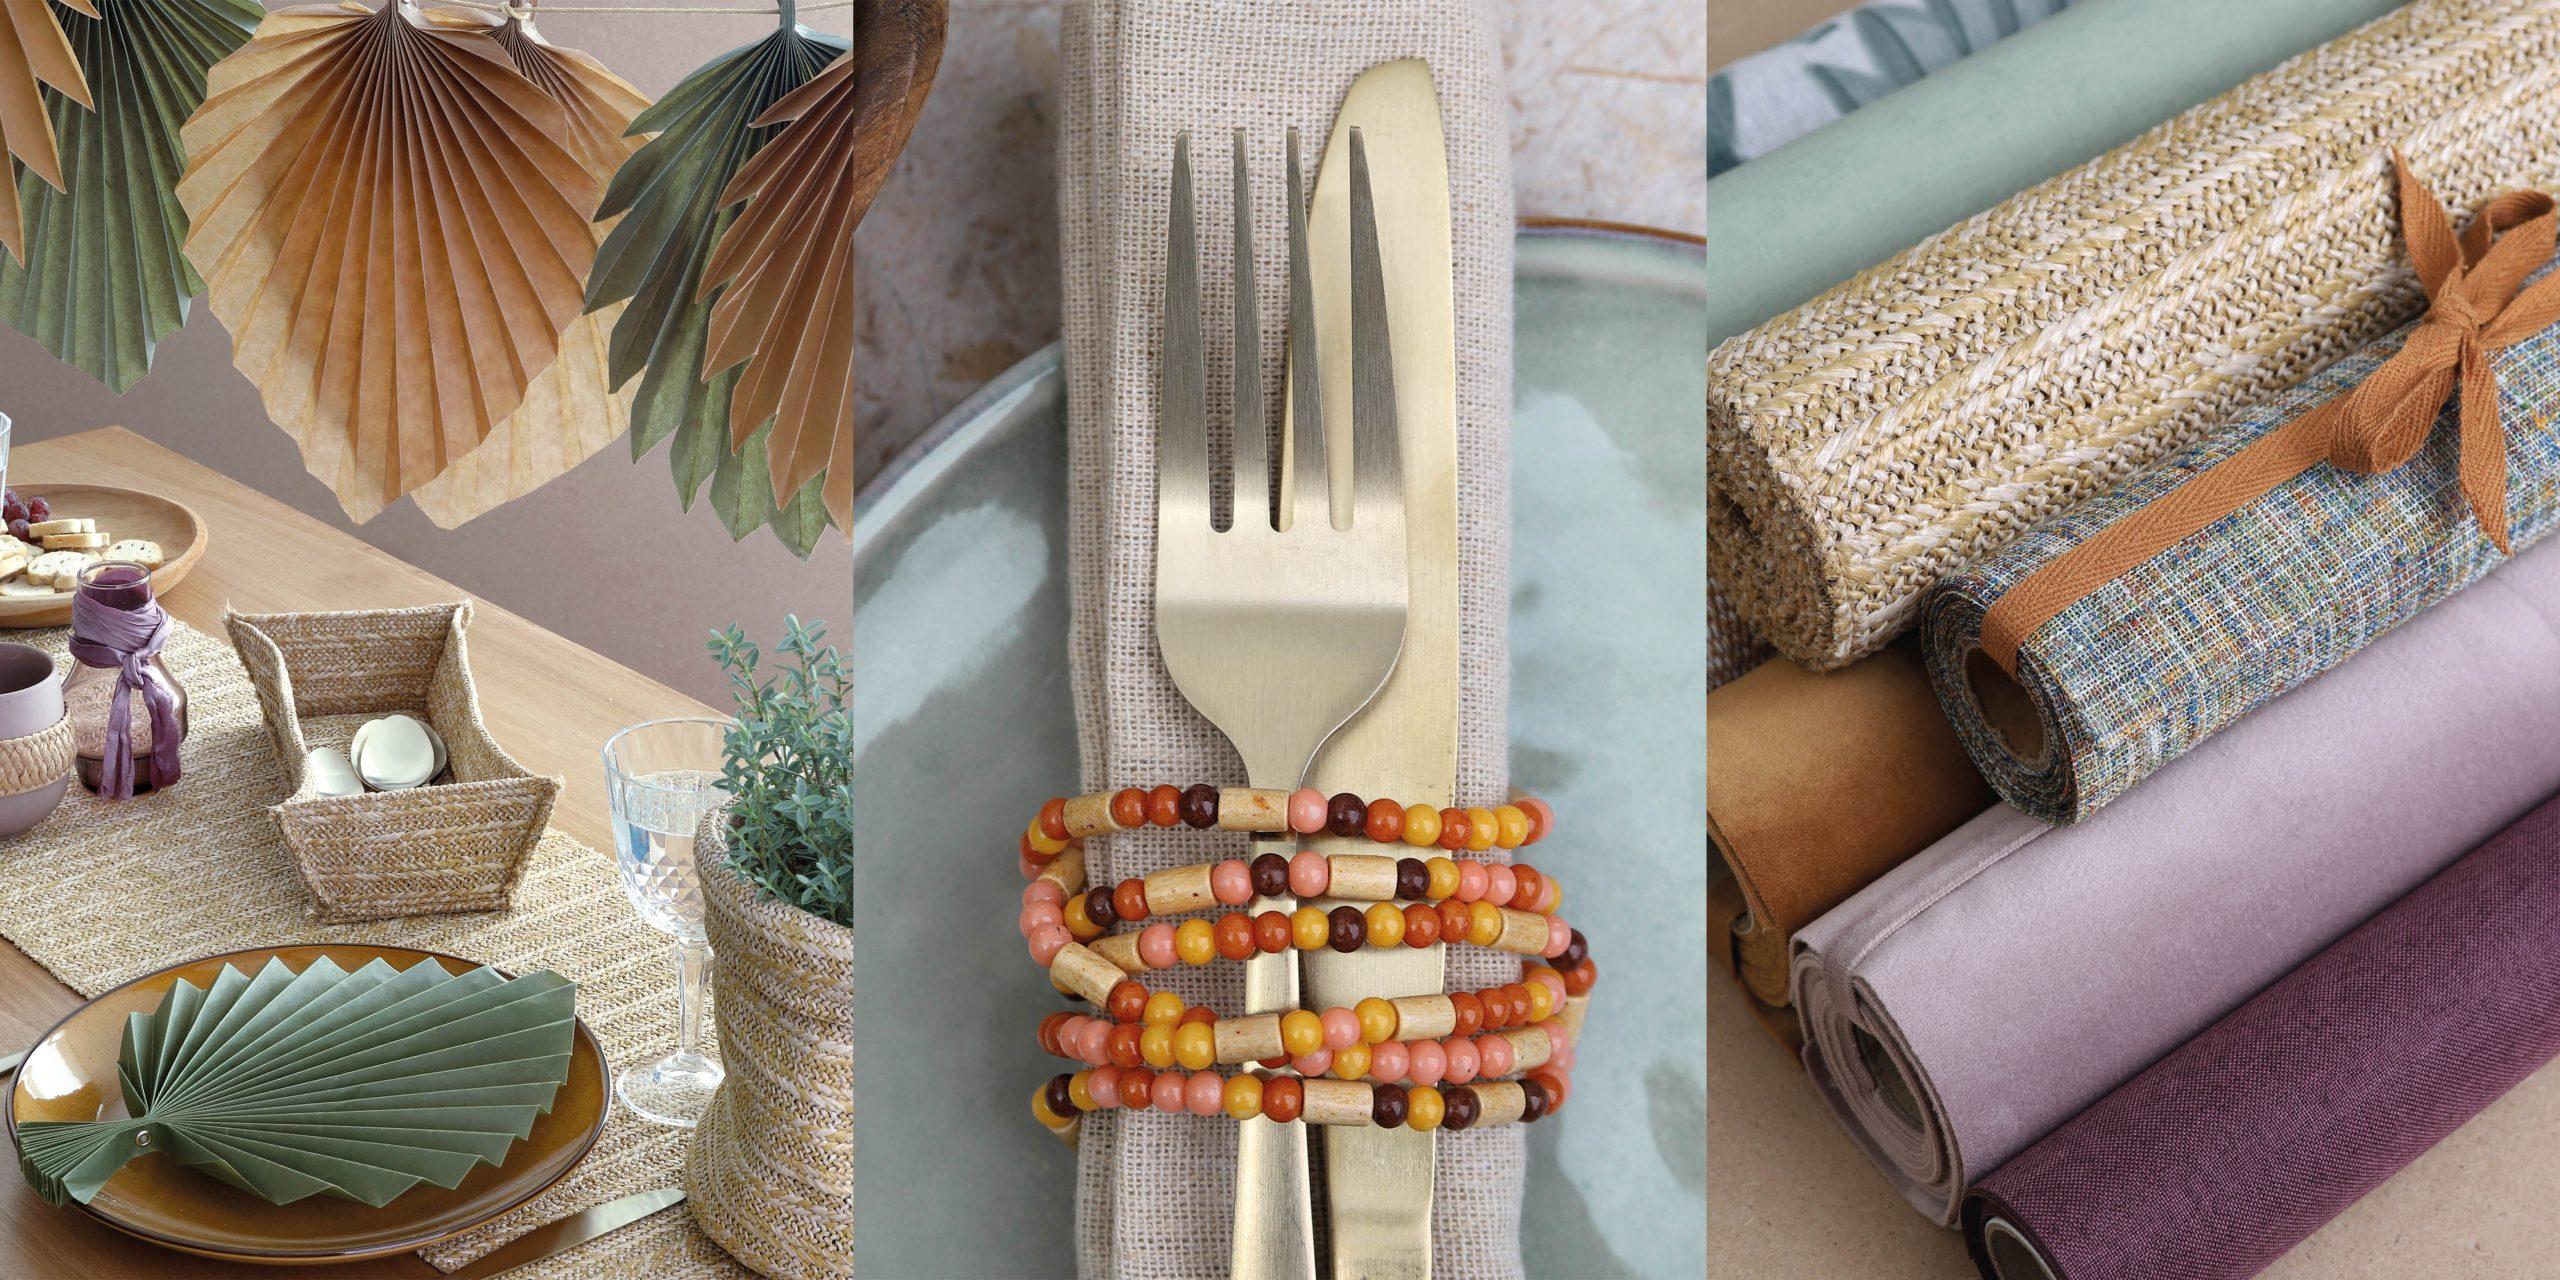 Decoratie ideeën voor de tafel